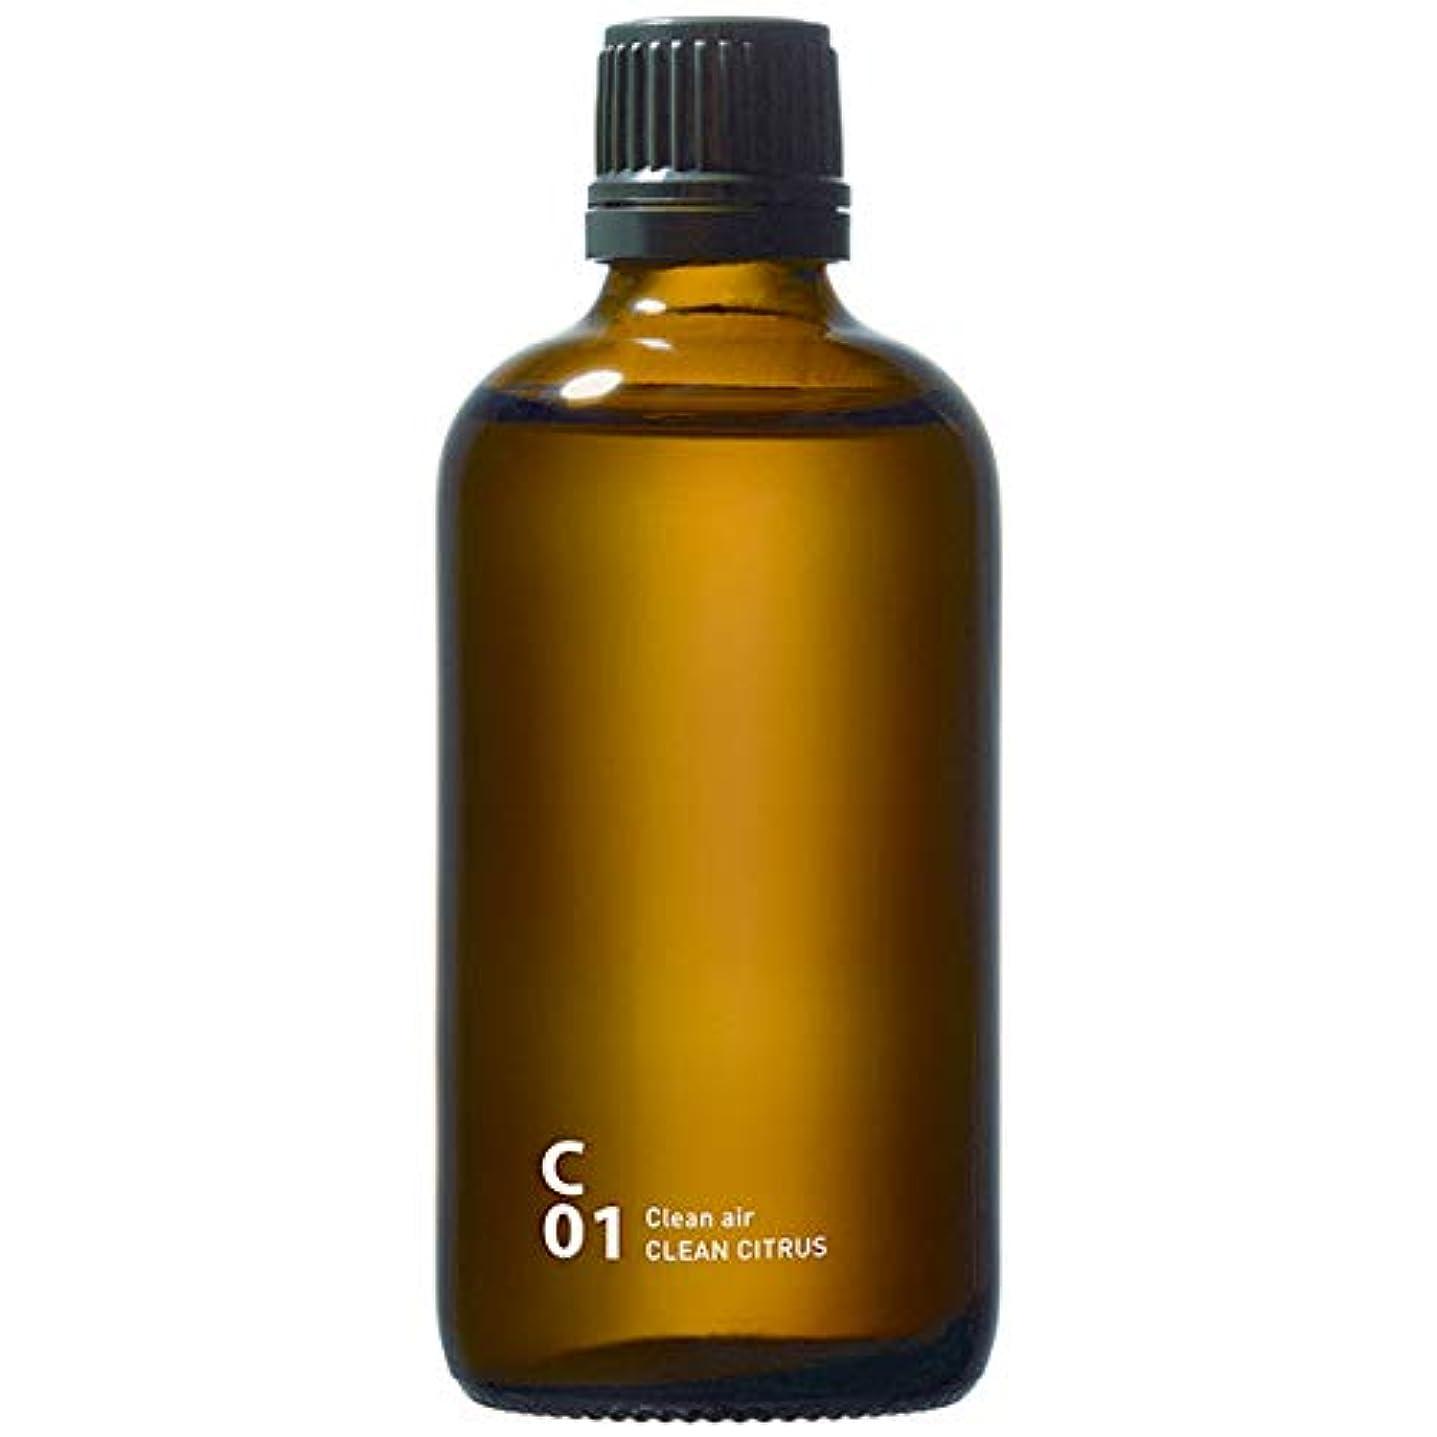 判決ブリリアント祖母C01 CLEAN CITRUS piezo aroma oil 100ml